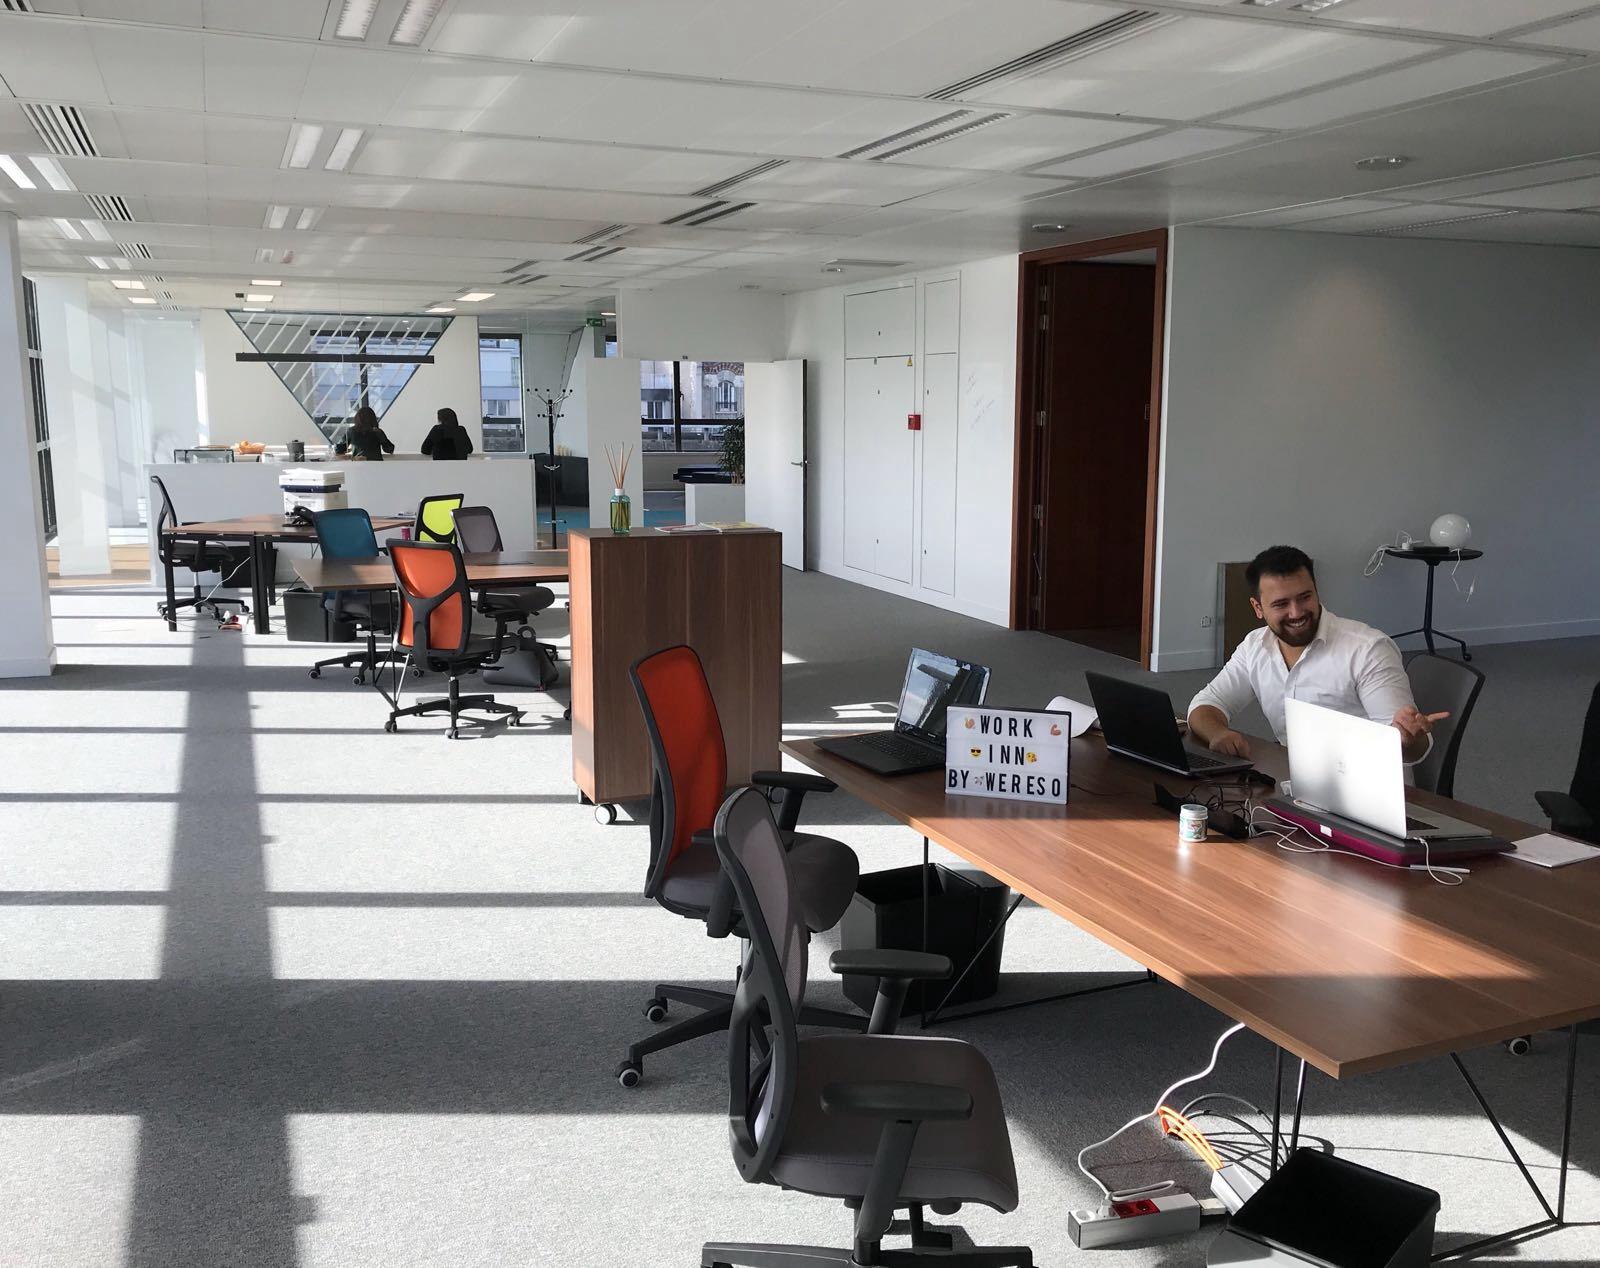 Le coworking révolutionne l'environnement de travail